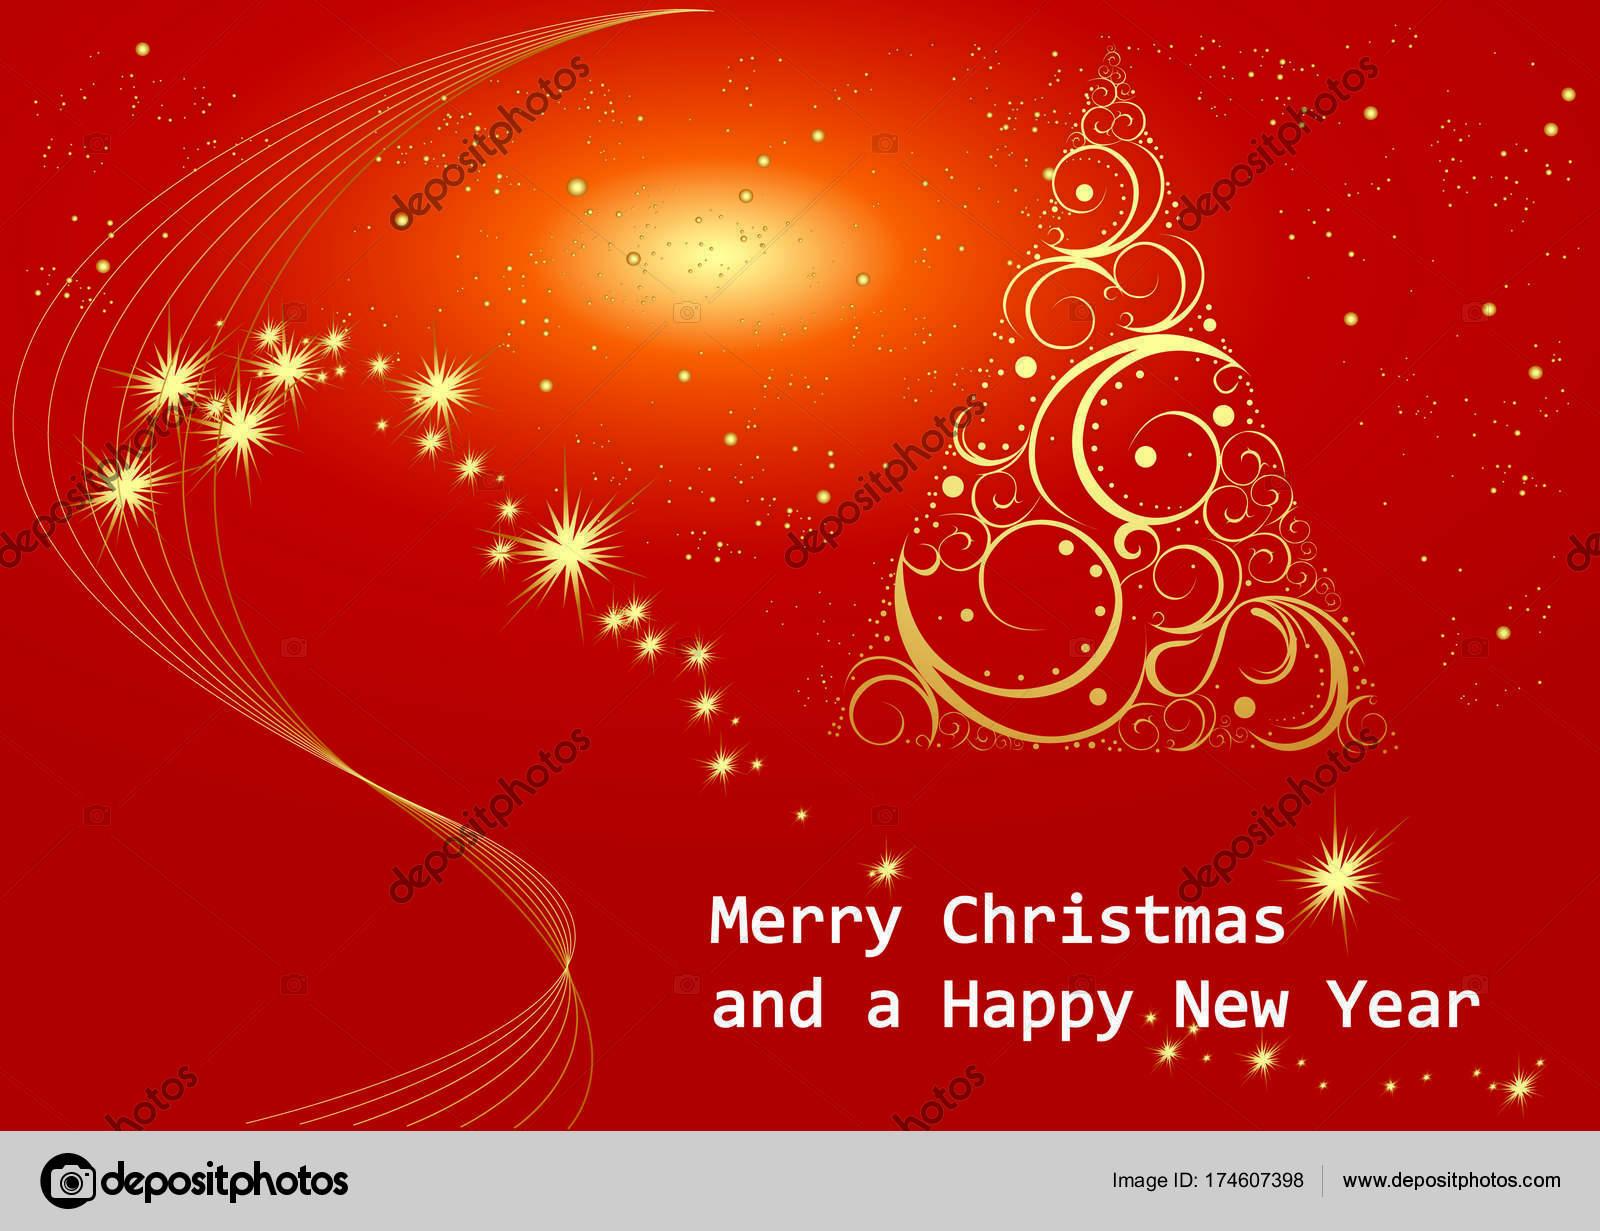 Image De Noel 2019.Carte De Noël 2019 Image Vectorielle Dhz Ontwerpen Hotmail